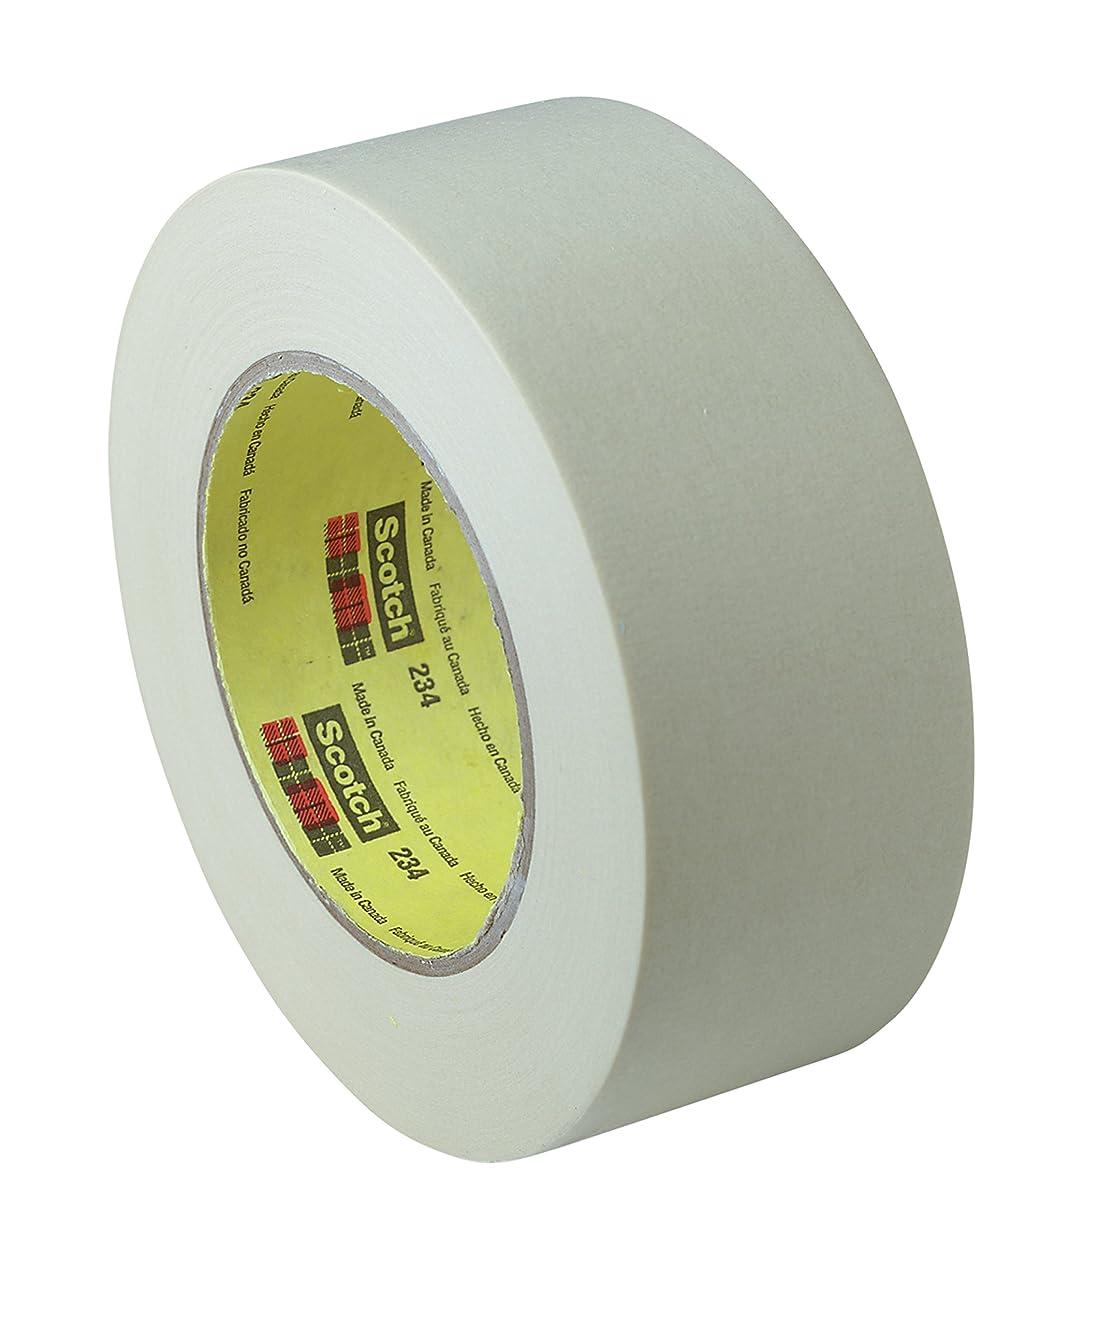 General Purpose Masking Tape 234, 12